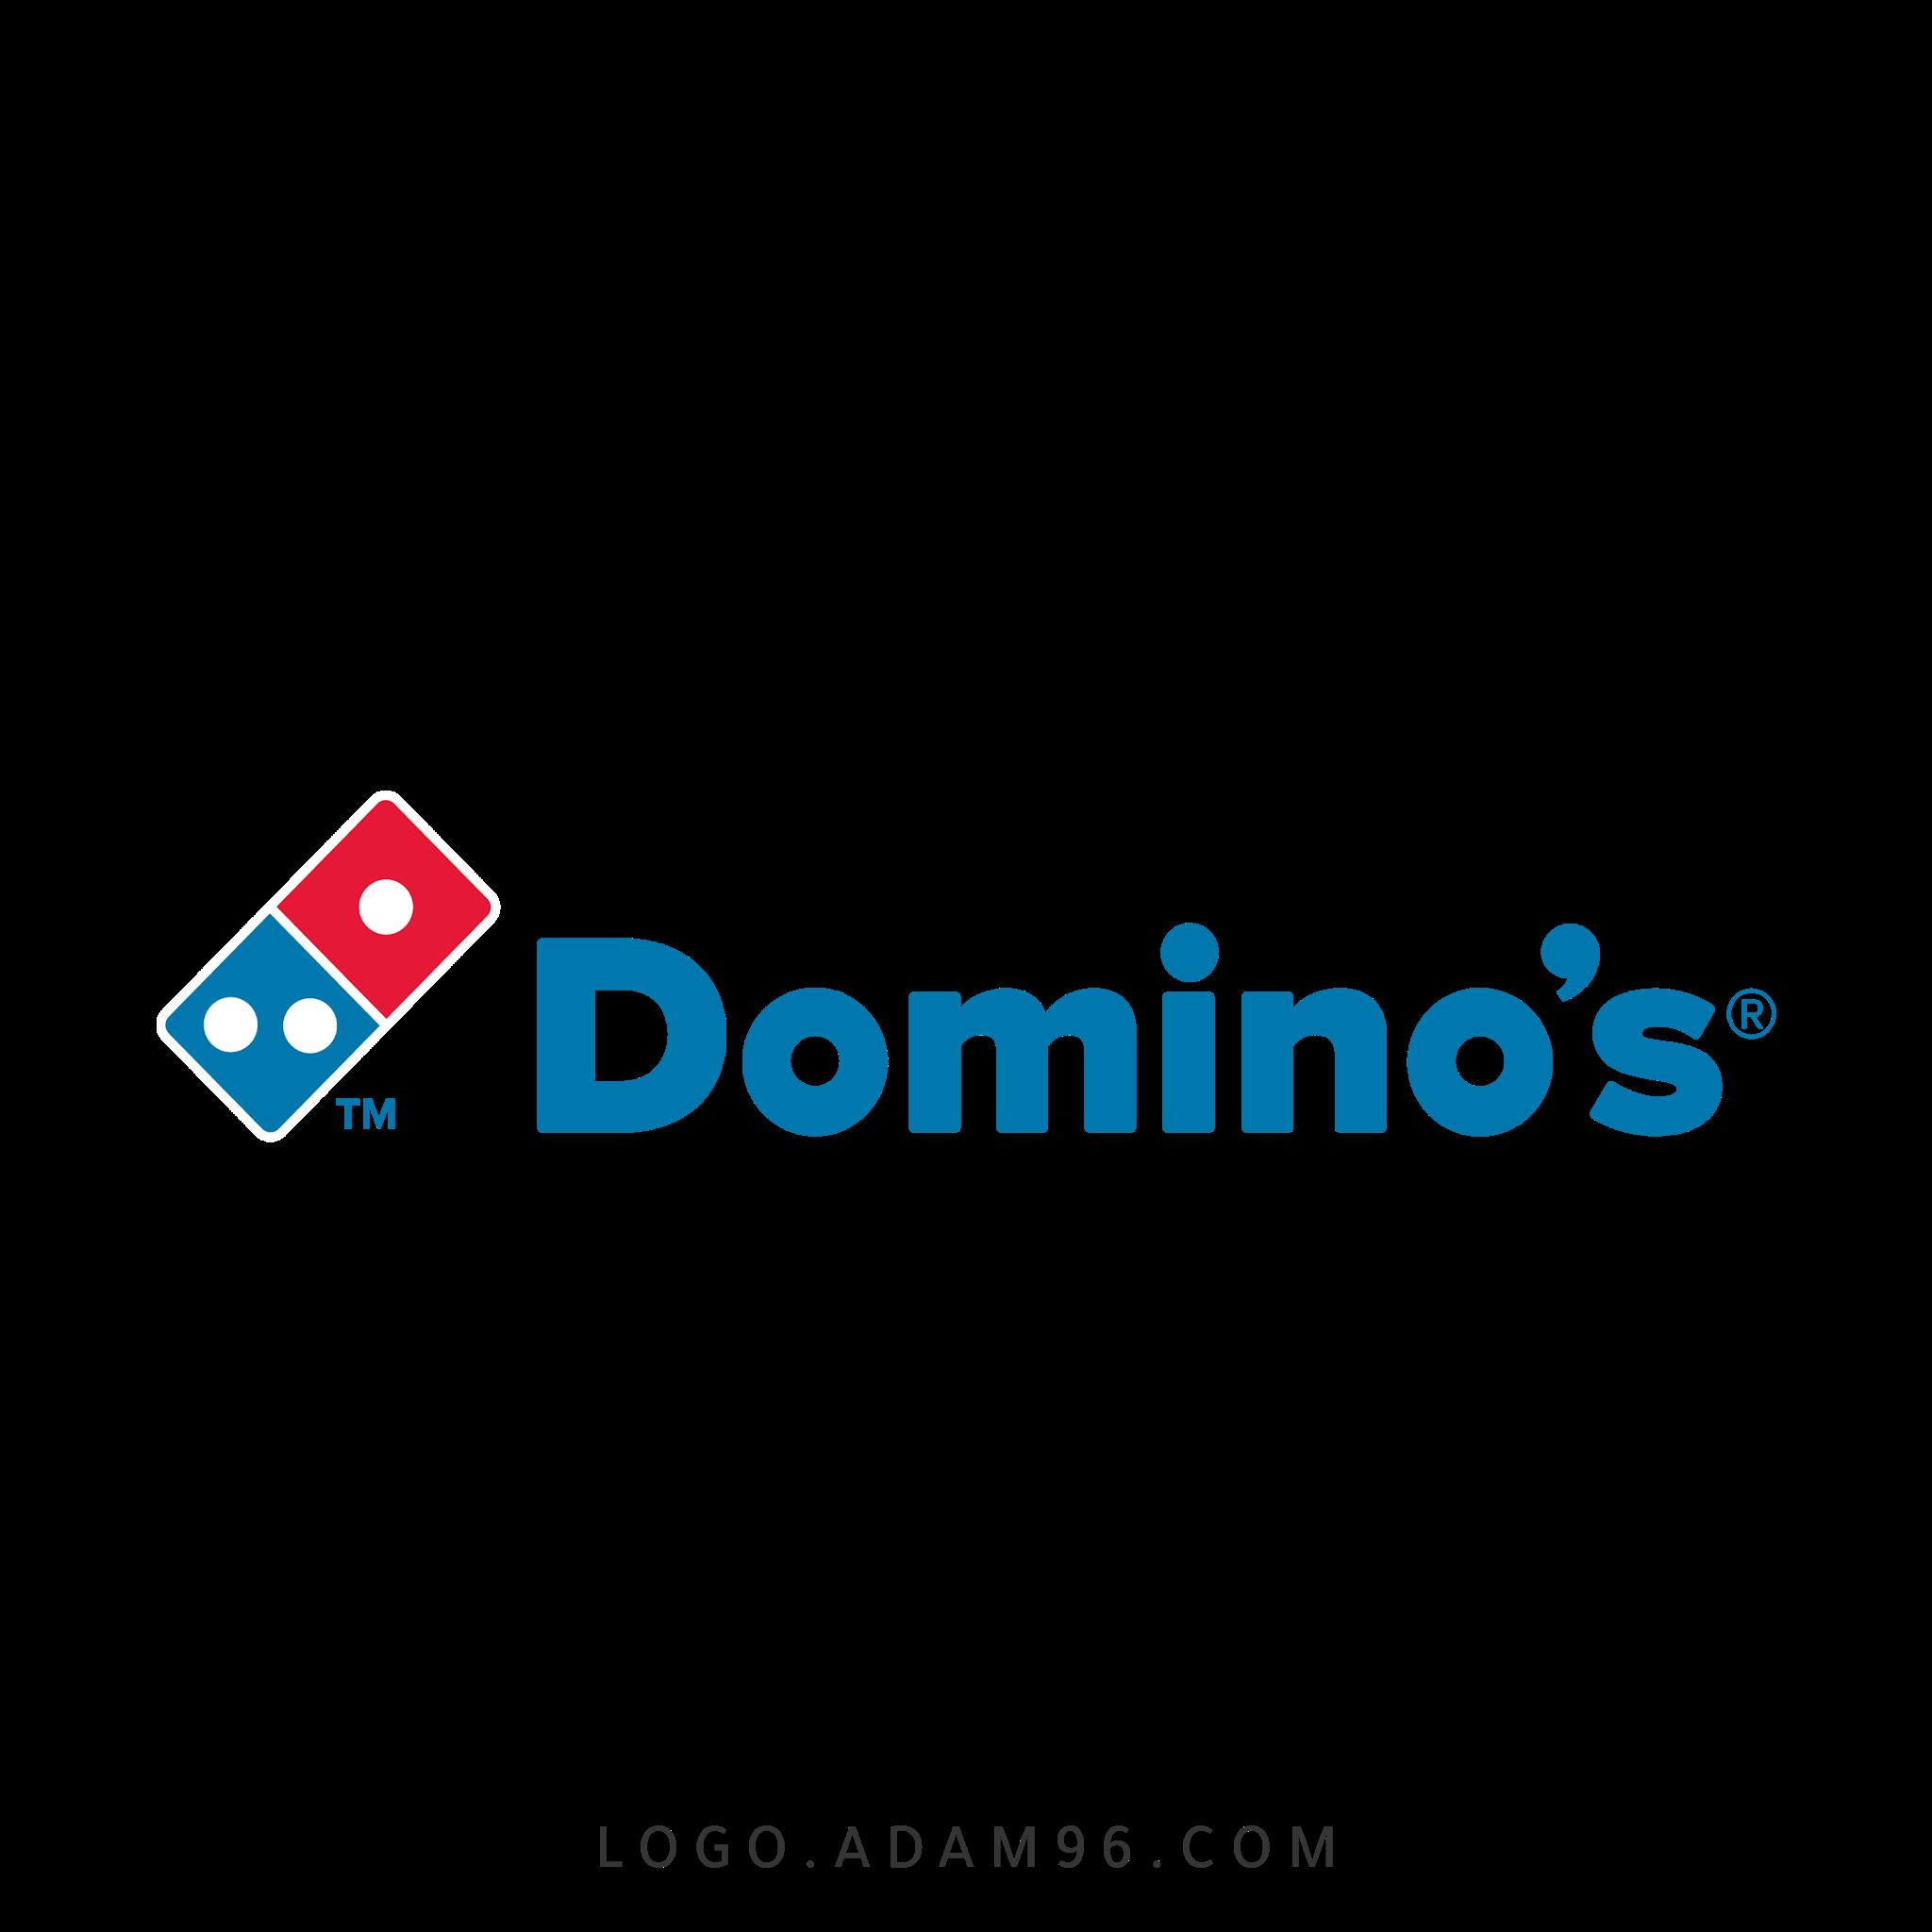 تحميل شعار دومينوز بيتزا لوجو رسمي عالي الدقة بصيغة PNG